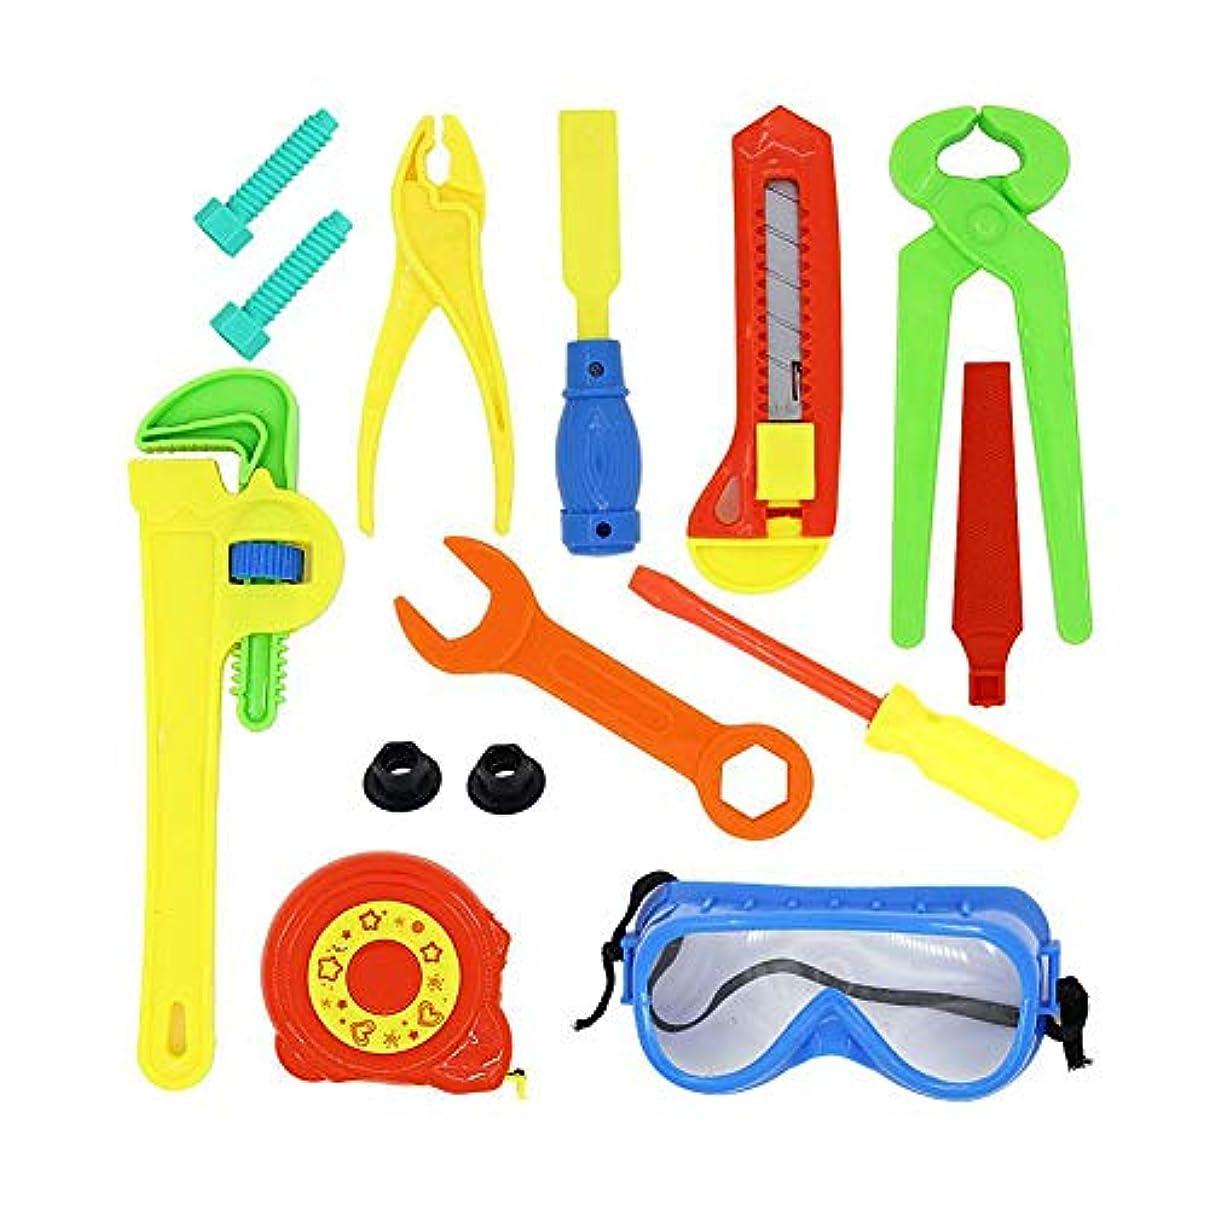 マーカー介入する操作プラスチック製の子供の知育玩具の贈り物を保持子供のおもちゃシミュレーション修理キットミニポータブルメンテナンスツールキットスターターキット